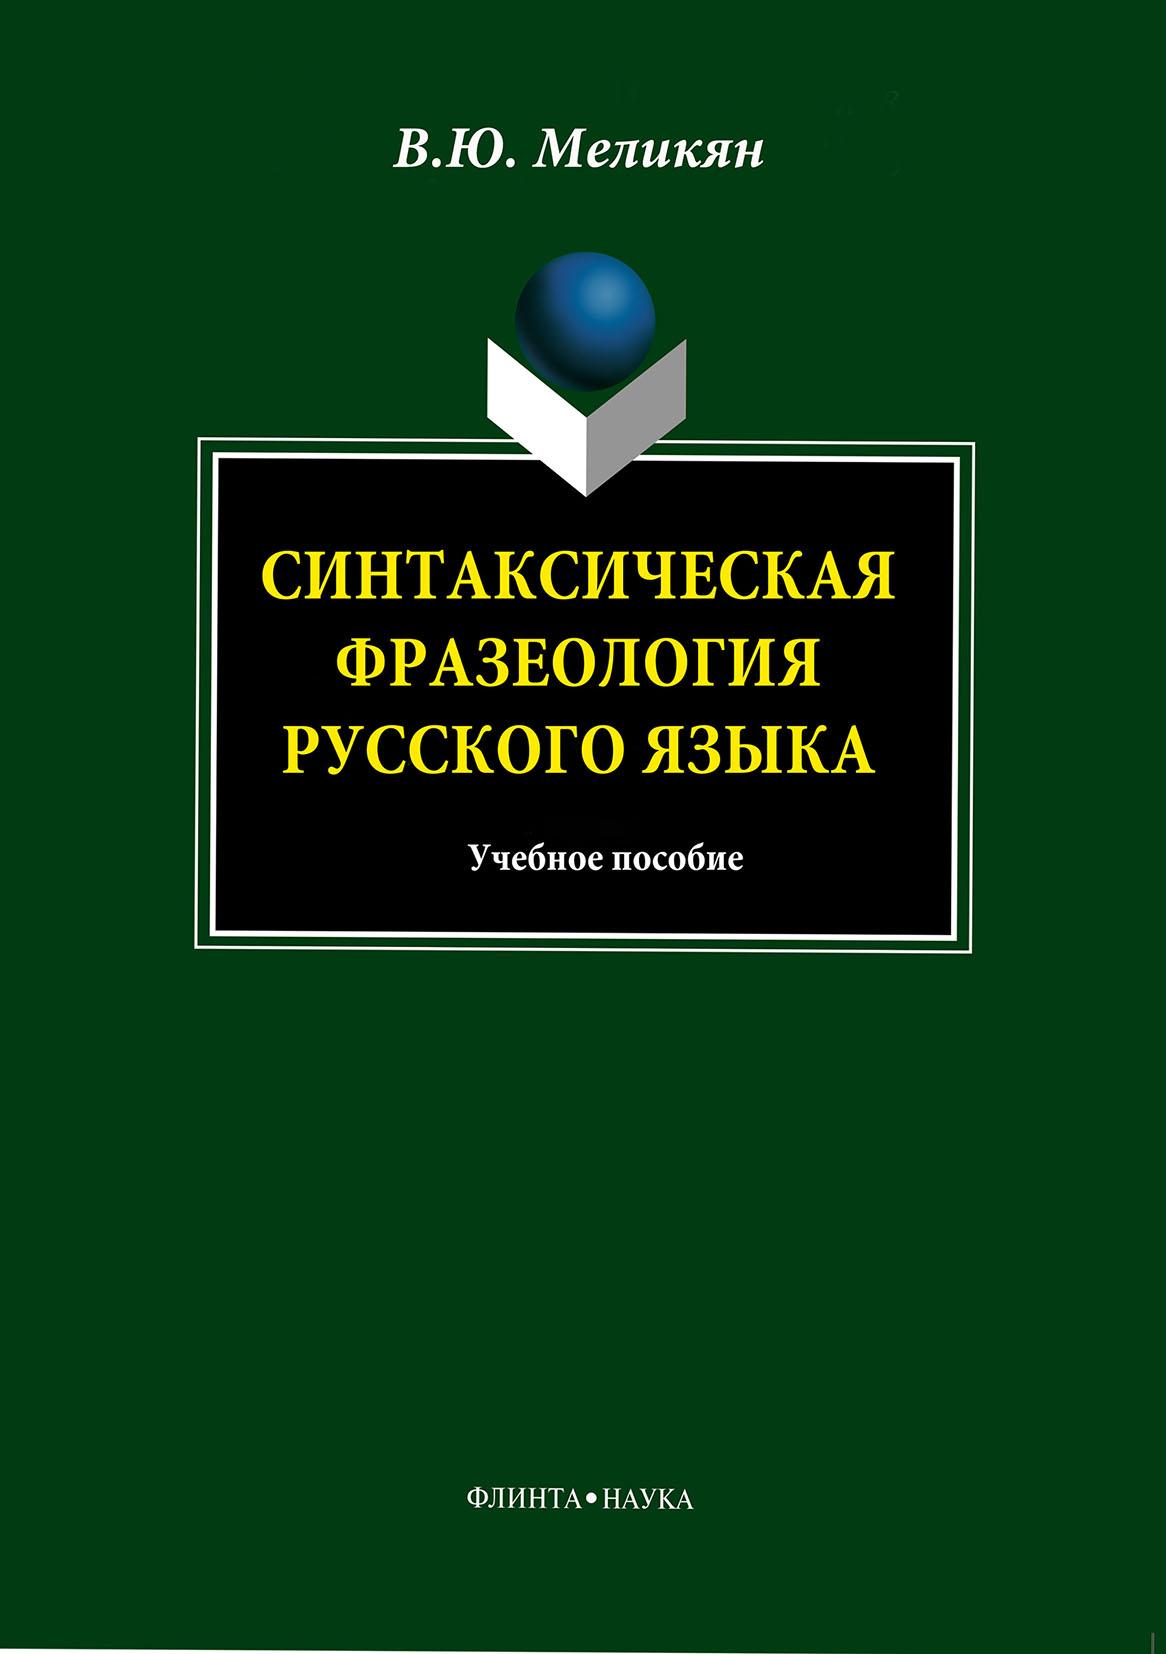 В. Ю. Меликян Синтаксическая фразеология русского языка. Учебное пособие цена